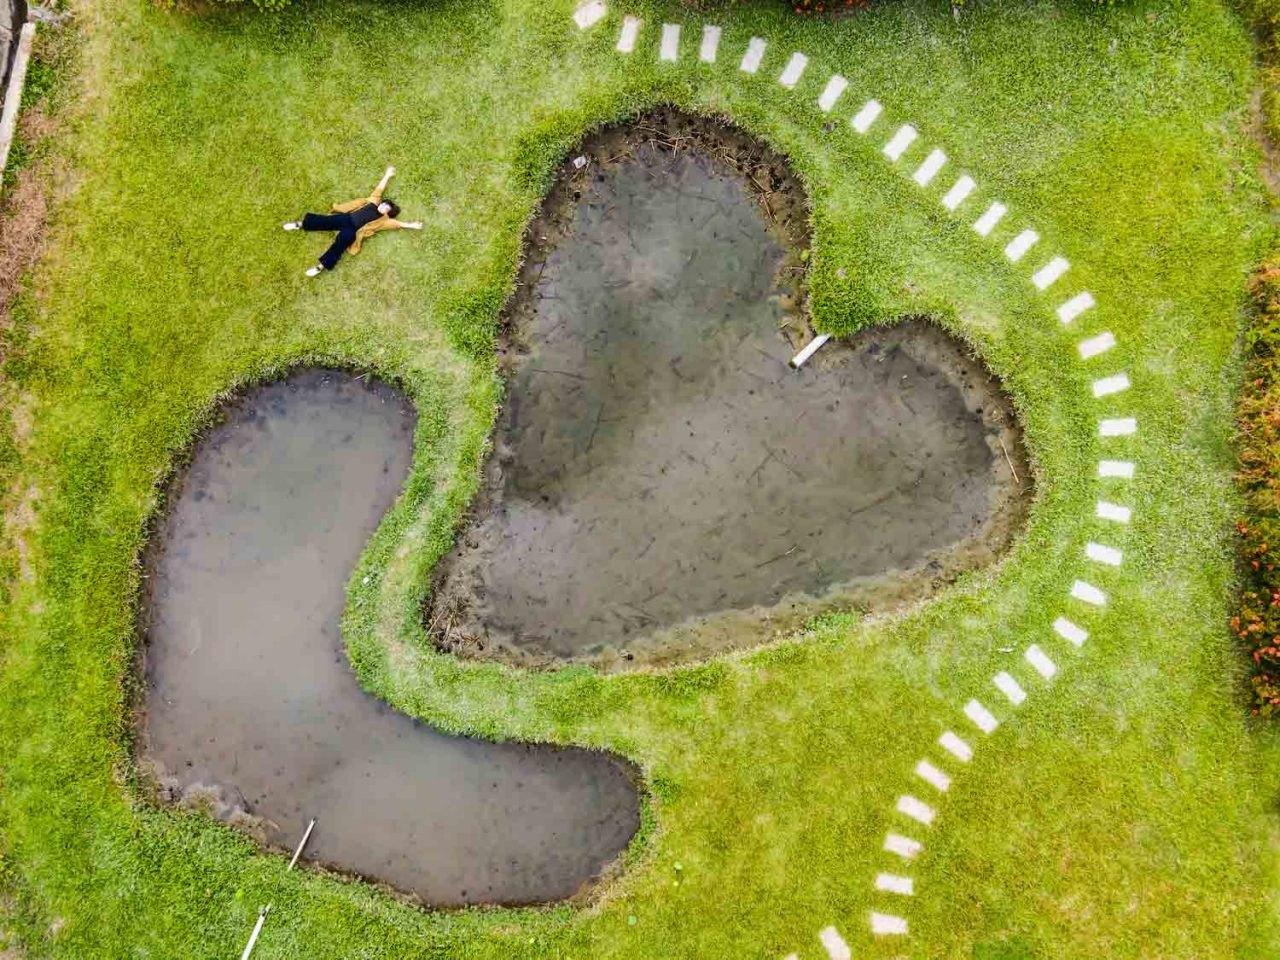 彰化,花樹銀行,地球,種樹,雙心池塘,三春老樹